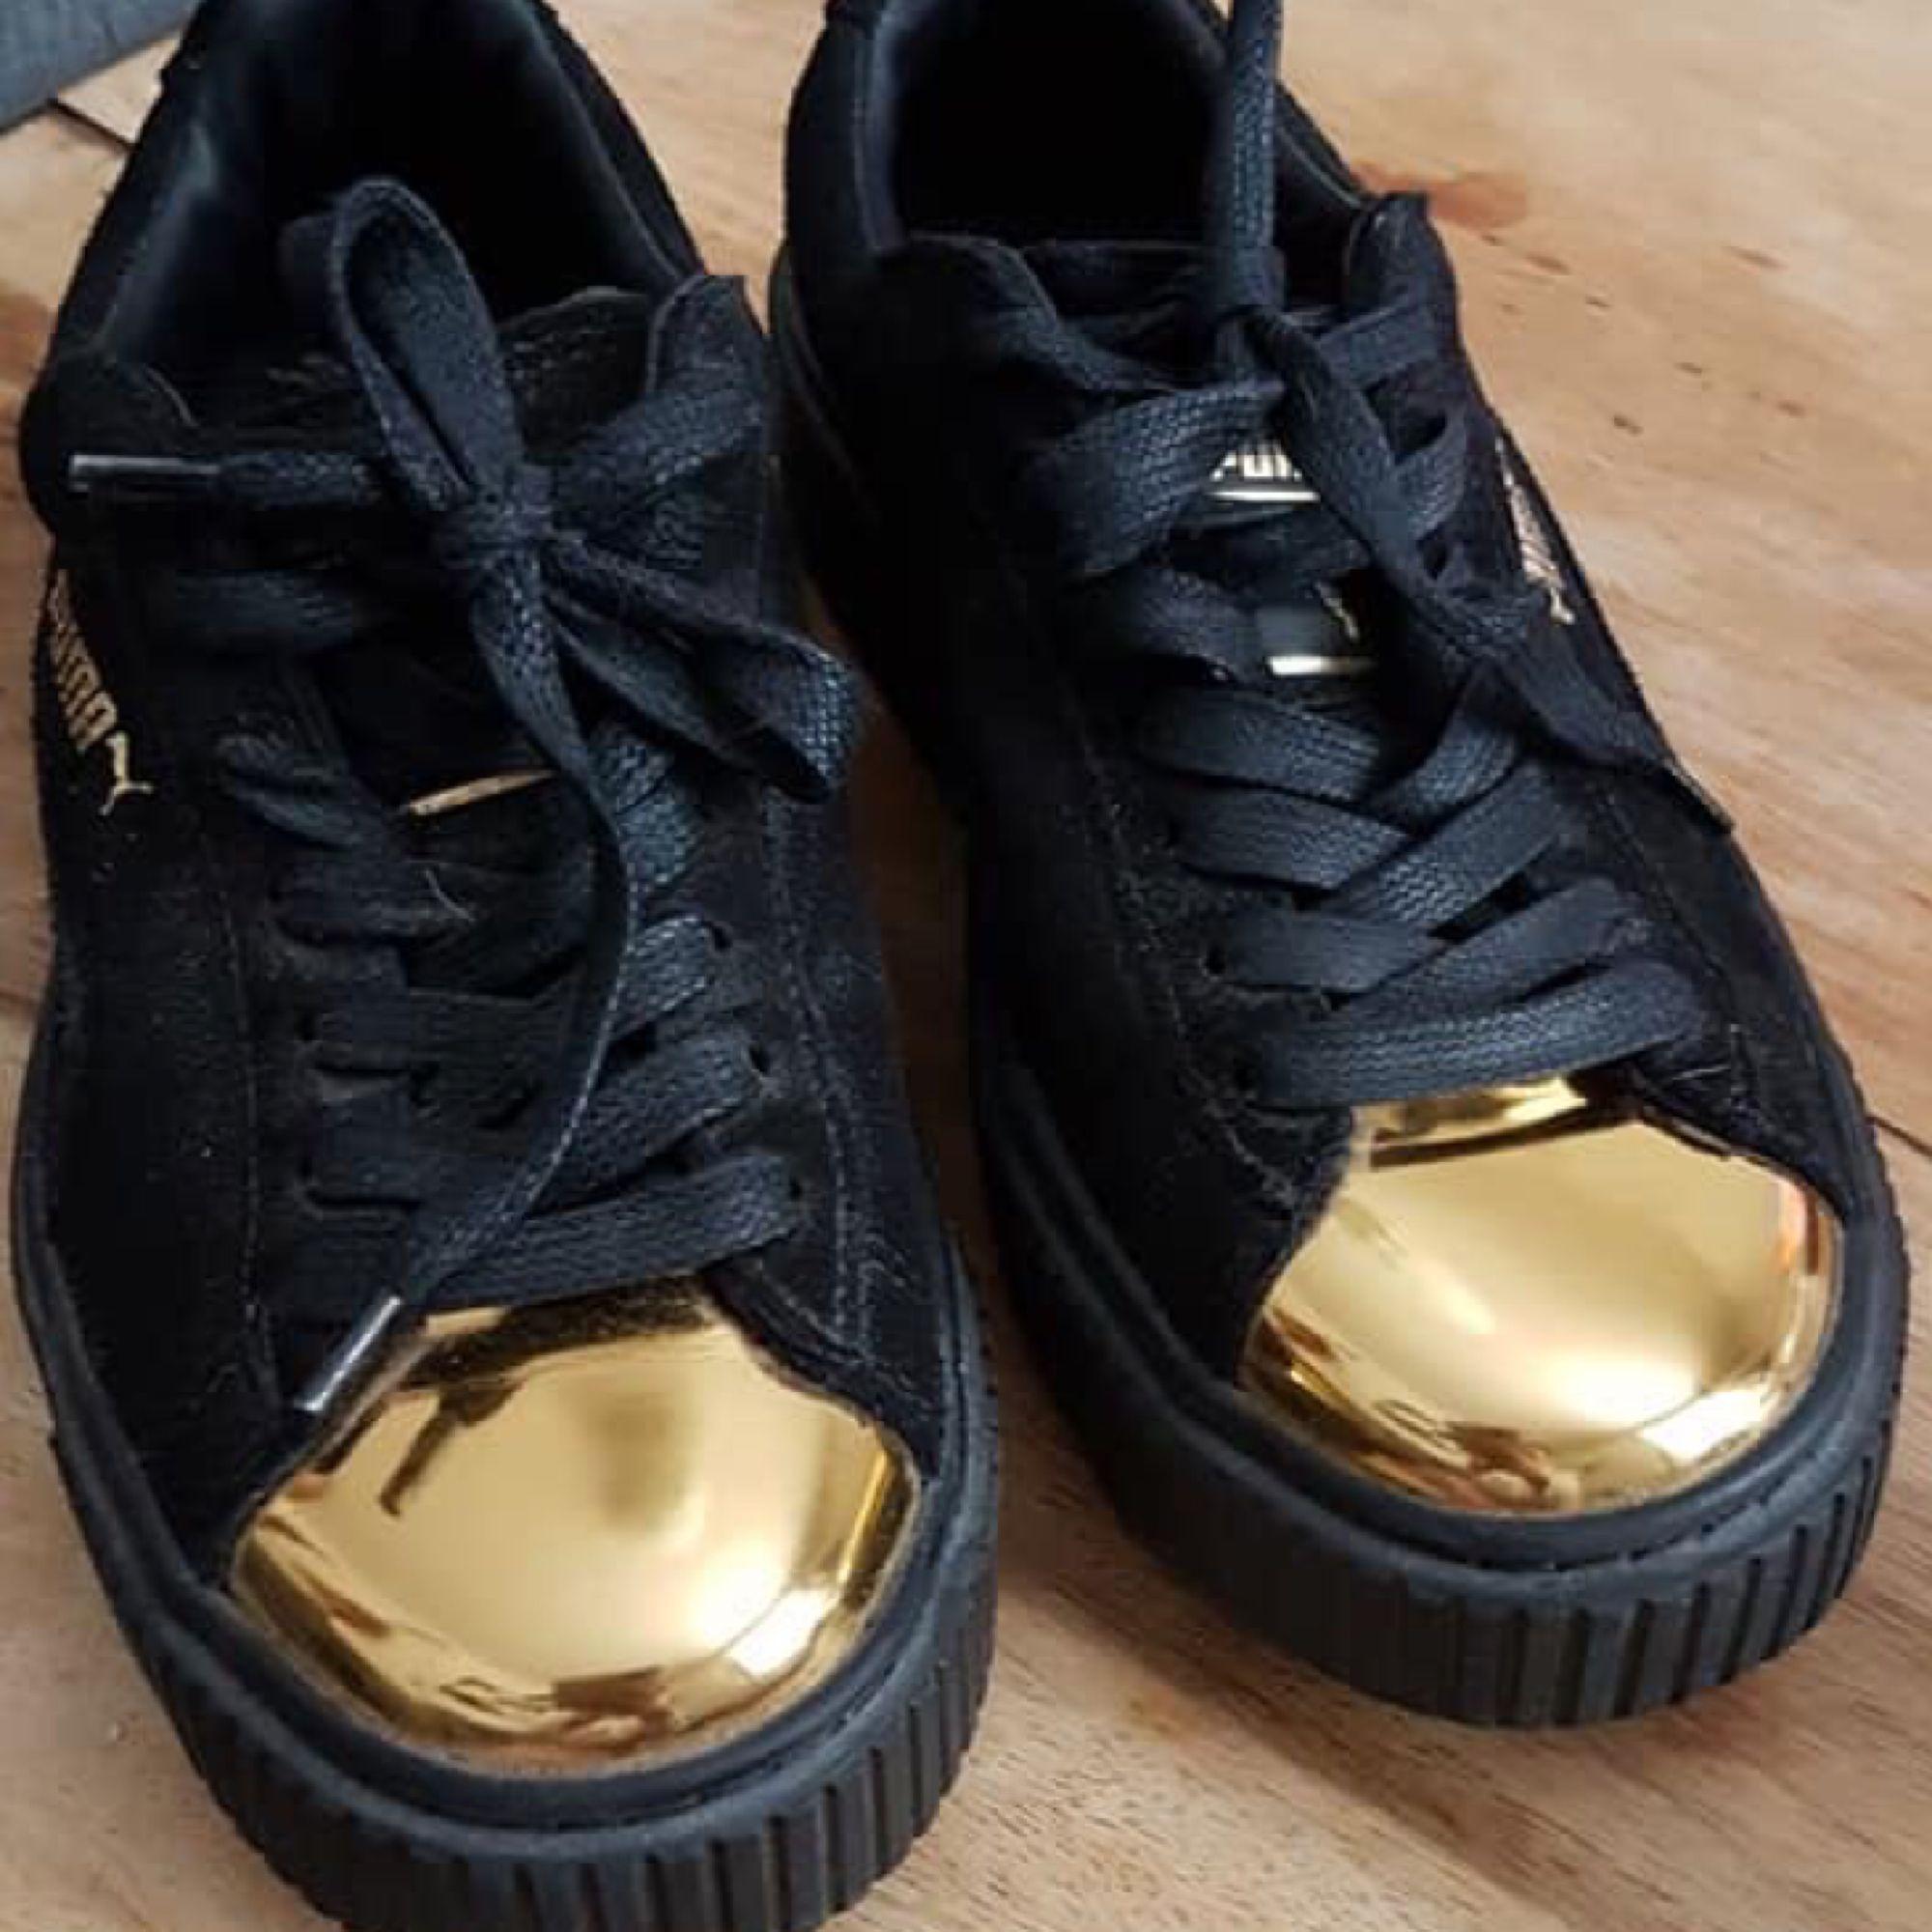 Puma suede creepers gold  Använda en gång  Vann på en gala men fick tyvärr i fel storlek och har därför inte kunnat använda dem.  Kan mötas upp i Stockholm annars tillkommer frakt i priset. . Skor.